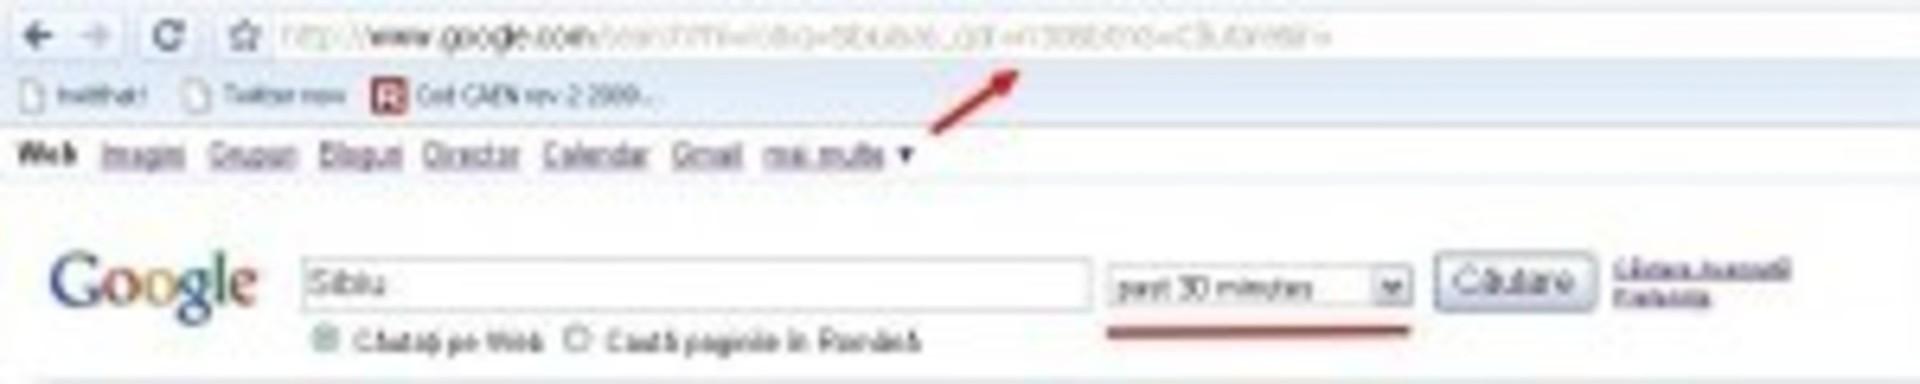 Cum sa cauti indexari Google de cateva secunde?